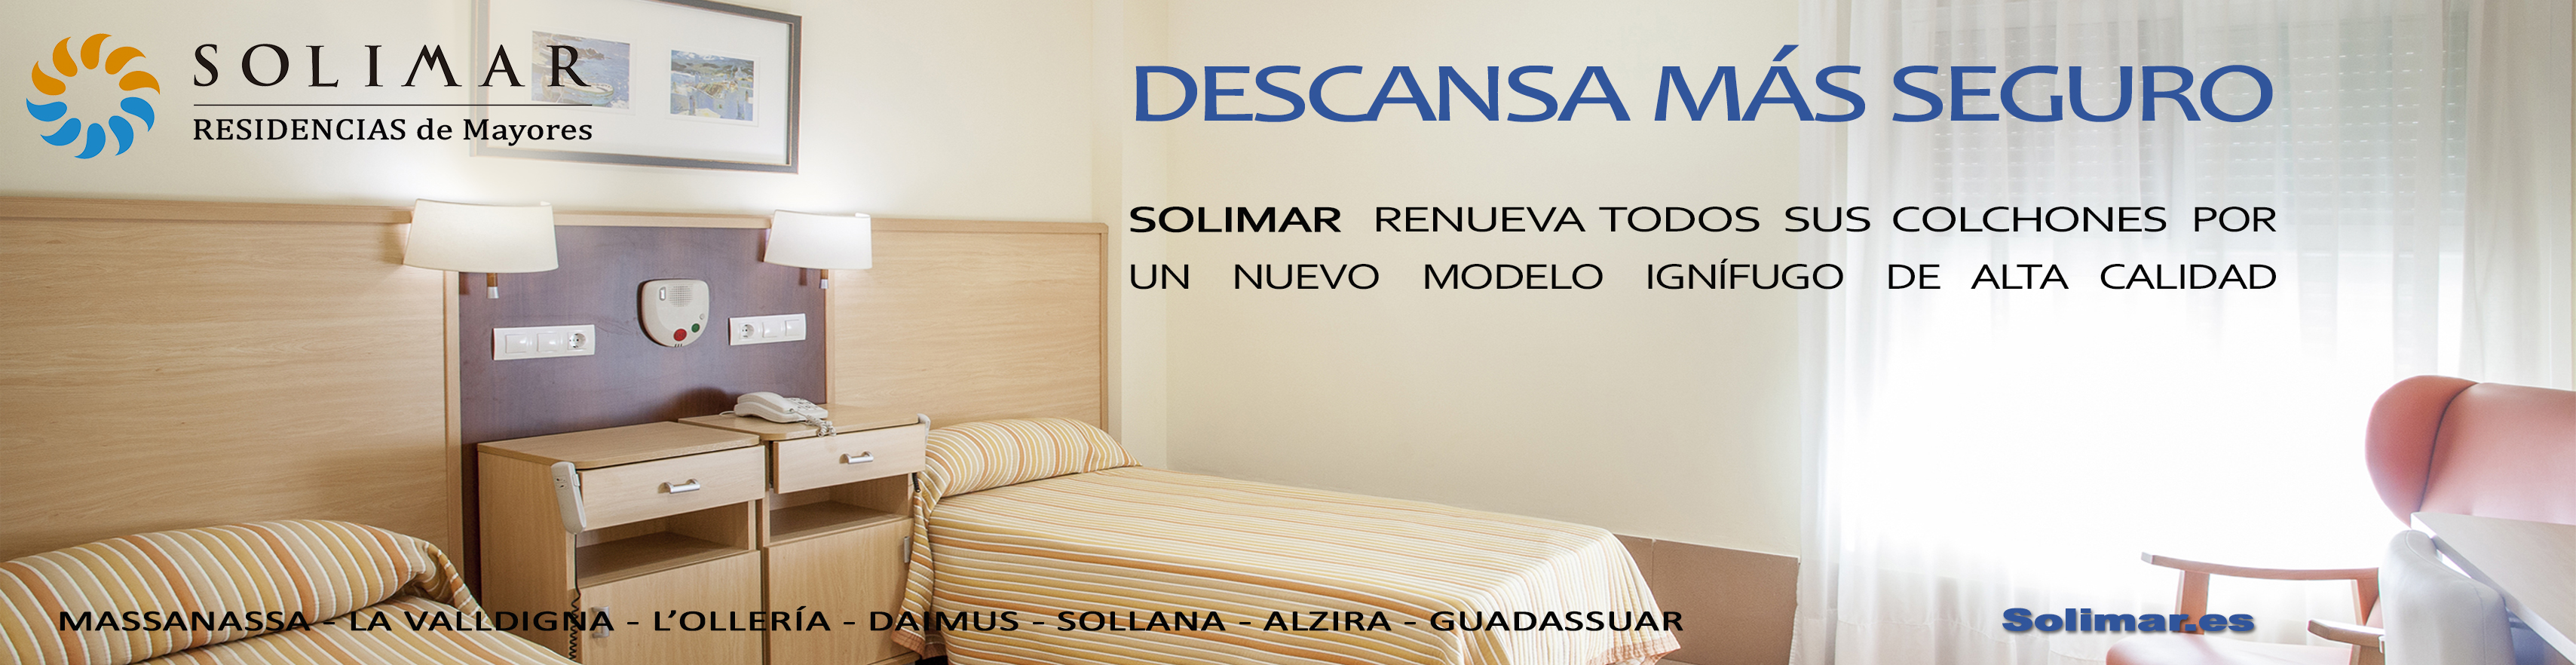 Las residencias Solimar aumentan su seguridad – Geroresidenciales